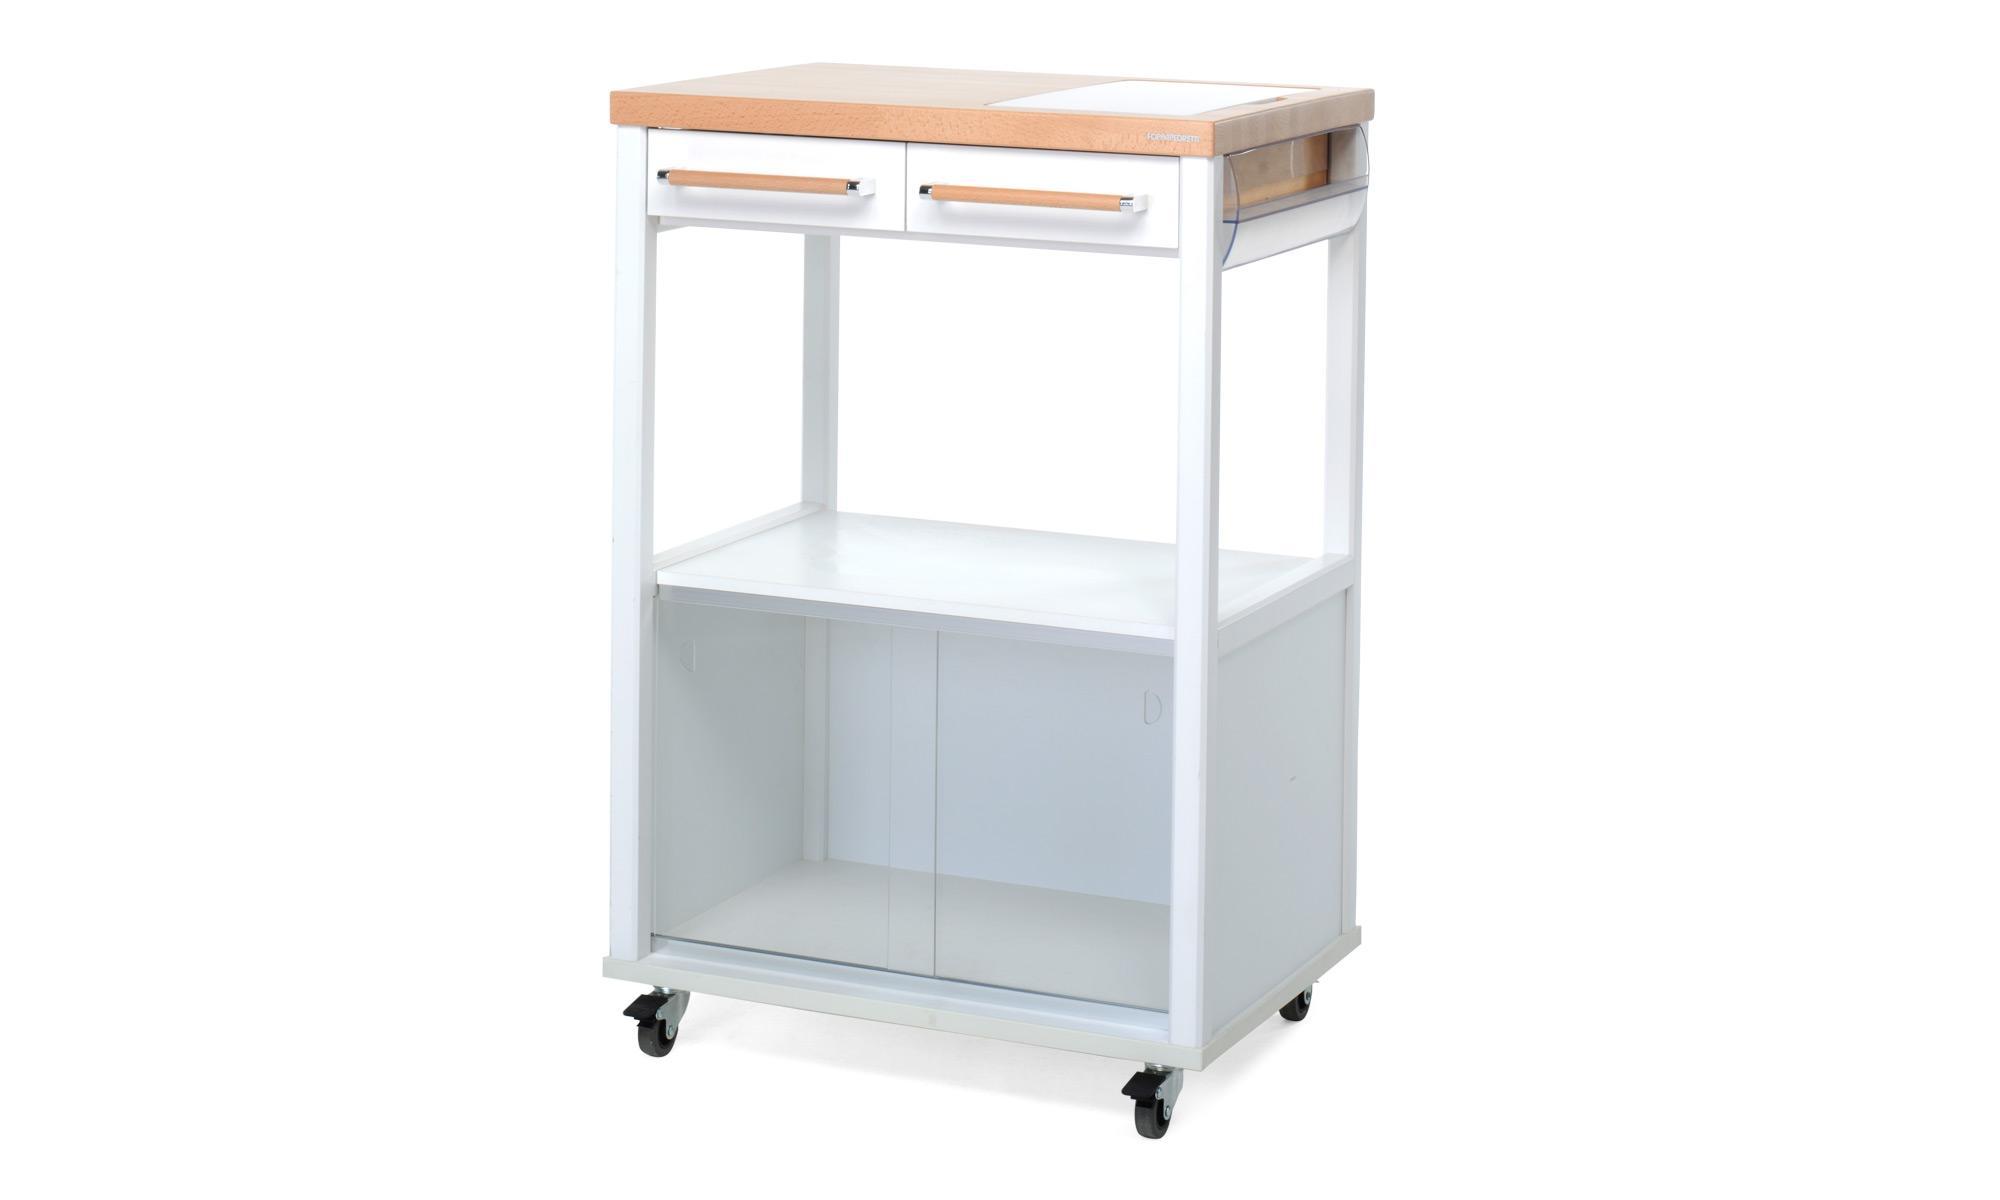 Foppapedretti benchef carrello da cucina in legno bianco for Portarotolo ikea